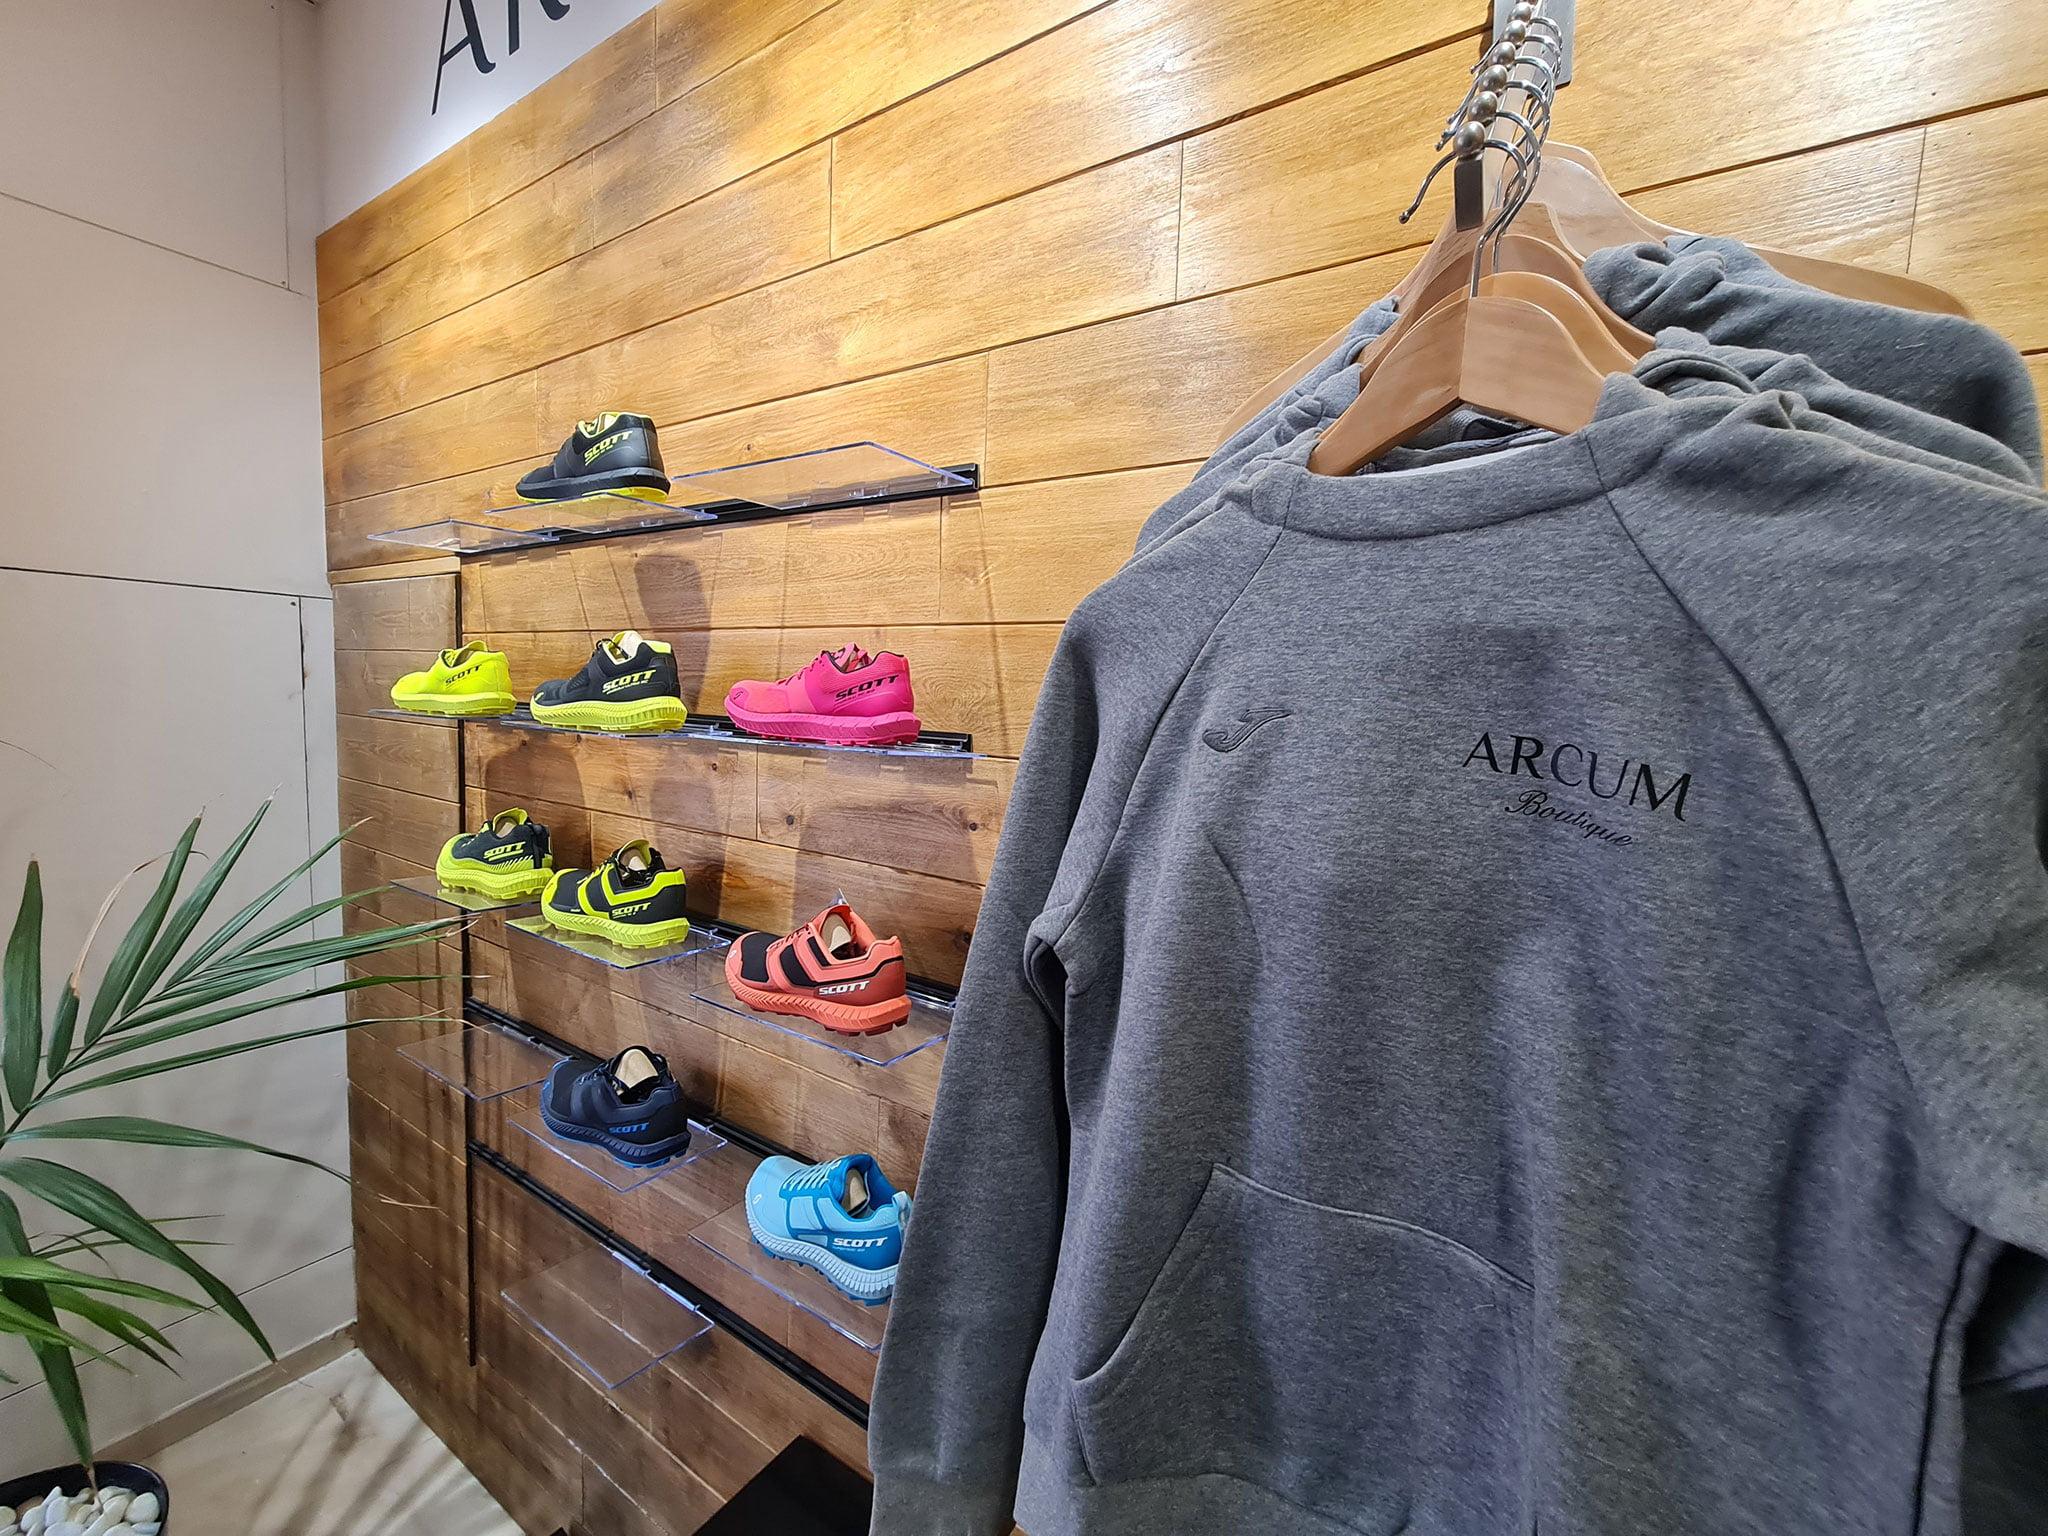 Ropa deportiva y calzado deportivo en Jávea – Arcum Health Zone